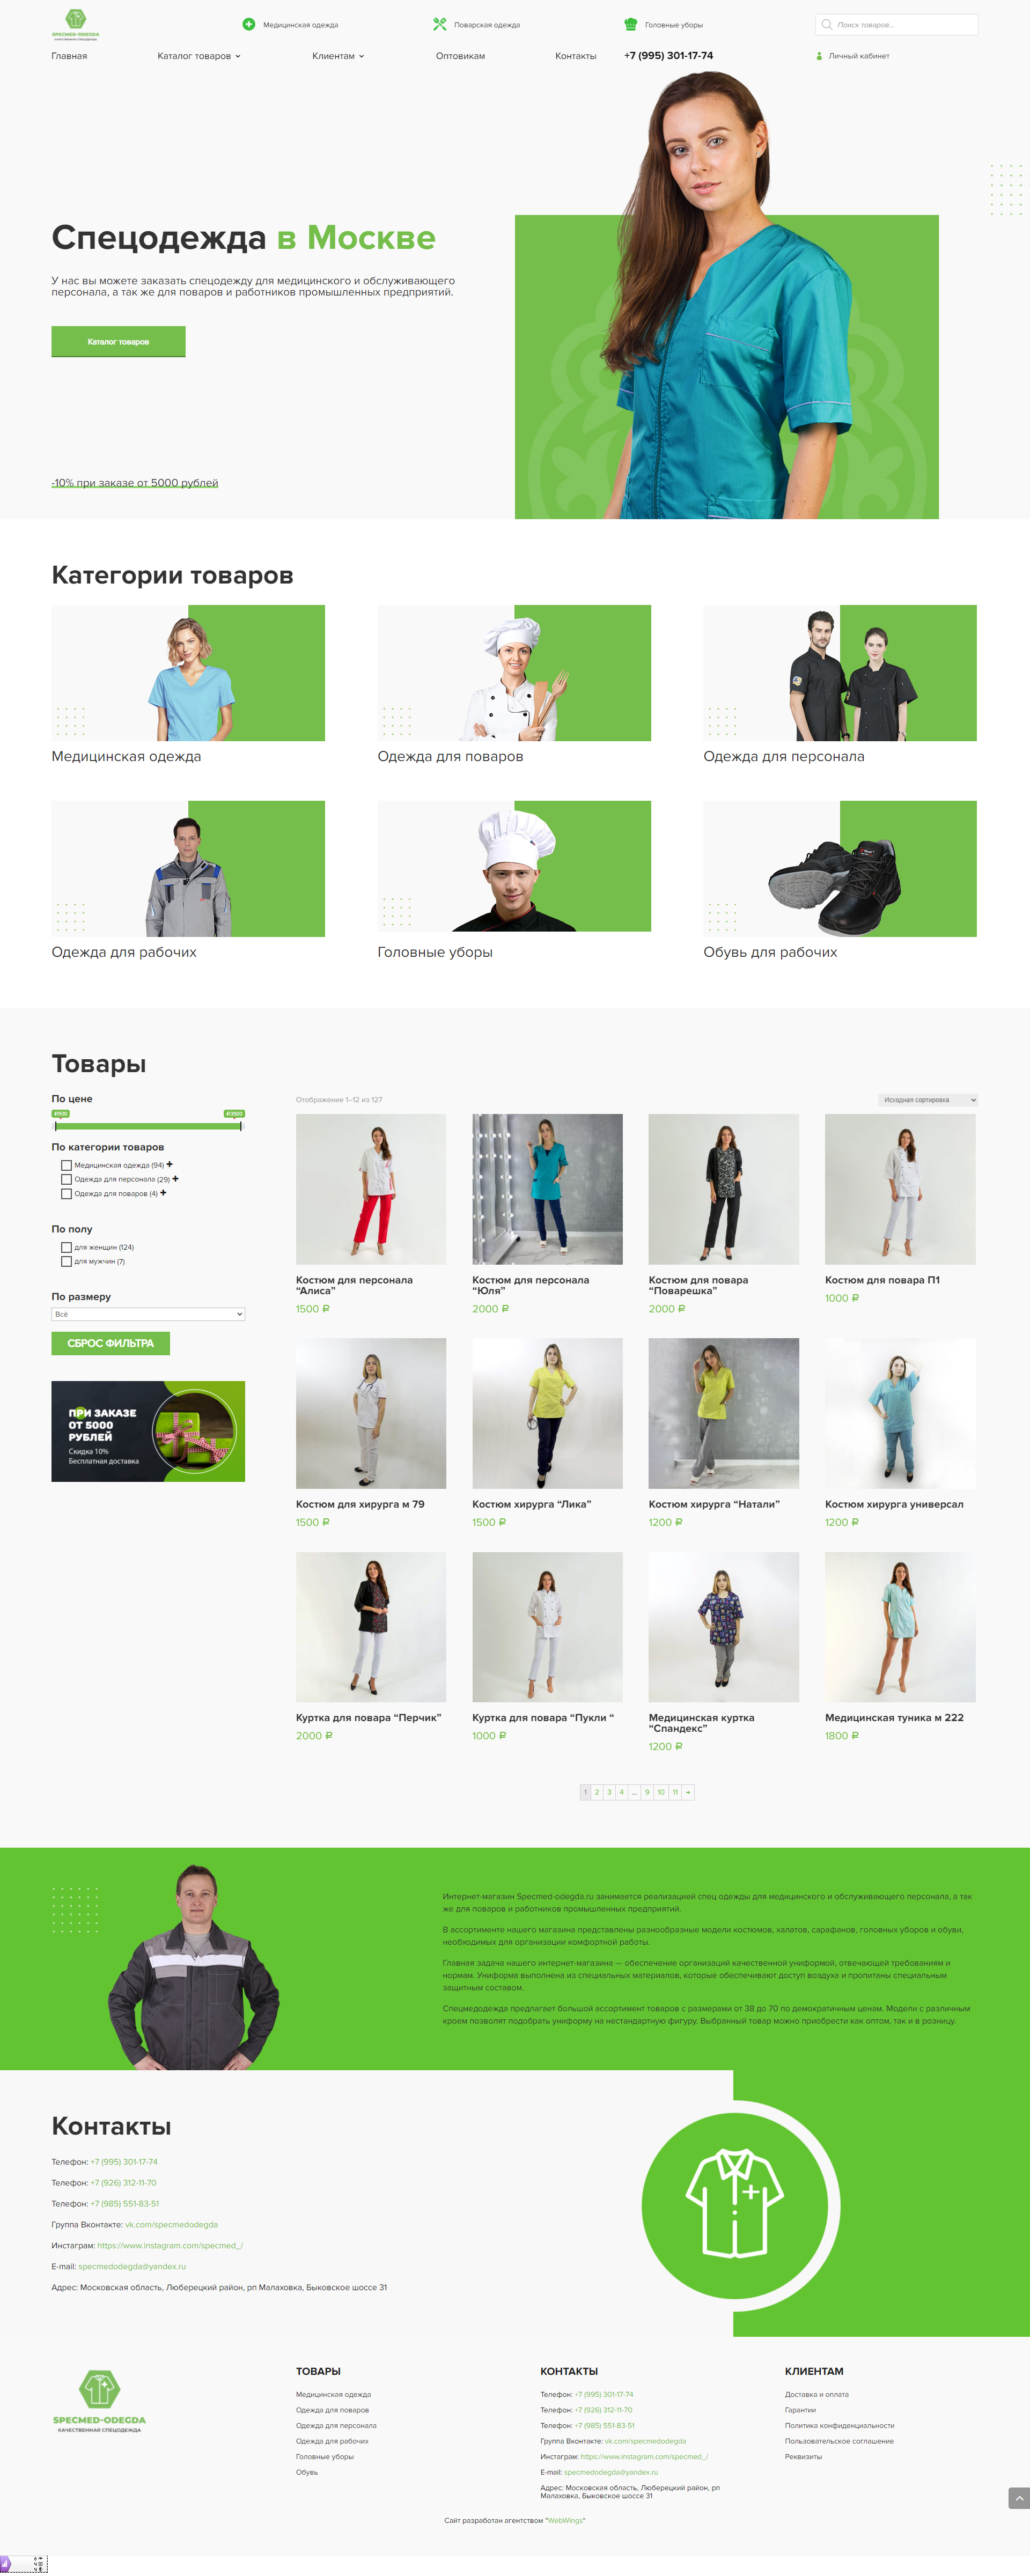 Дизайн интернет-магазина спецодежды